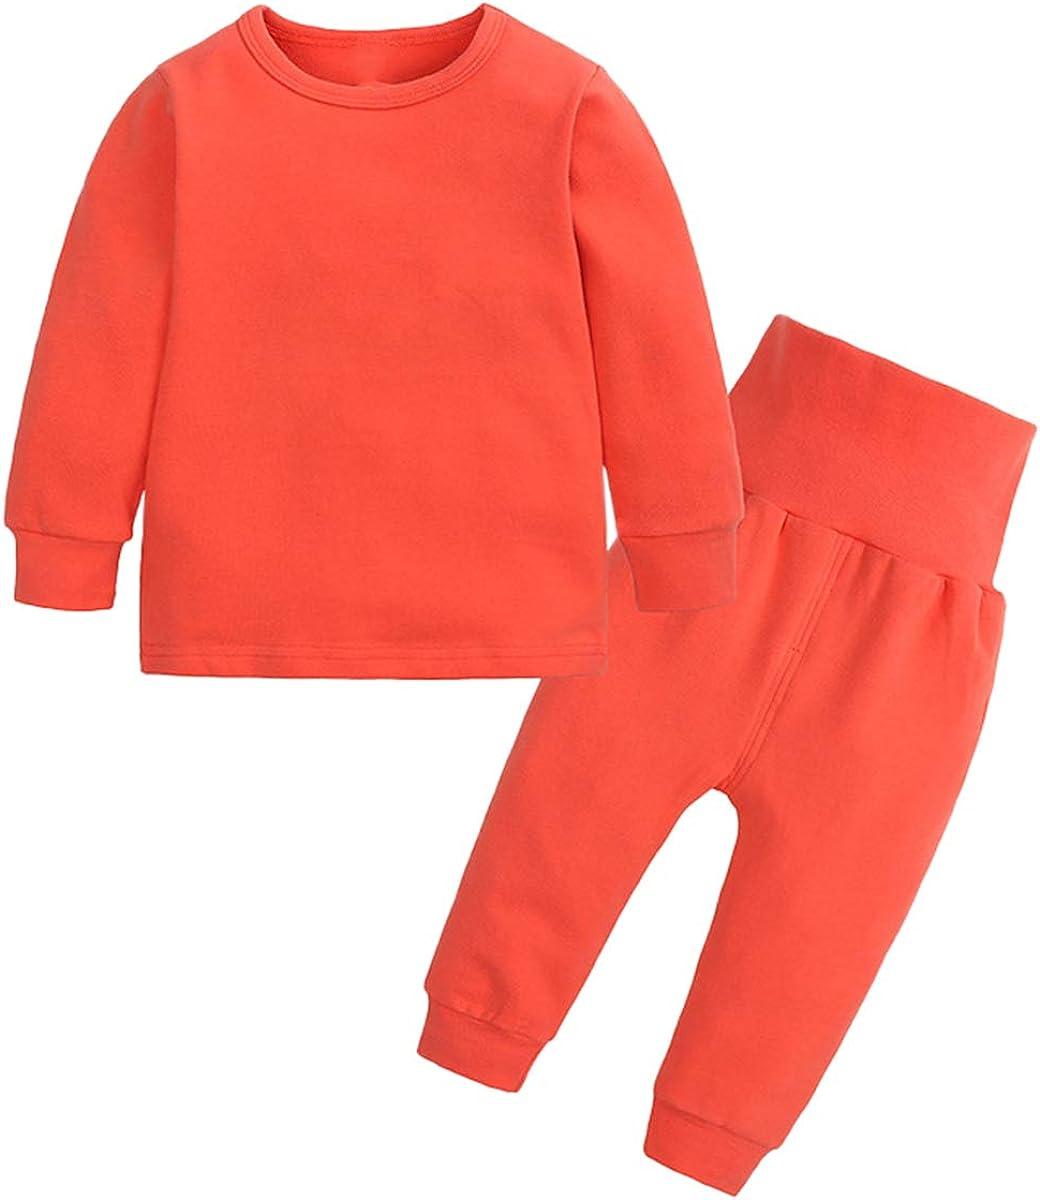 Toddler Girl's Thermal Underwear Set Base Layer Top & Bottom Set, Orange, 9-12 Months = Tag 80